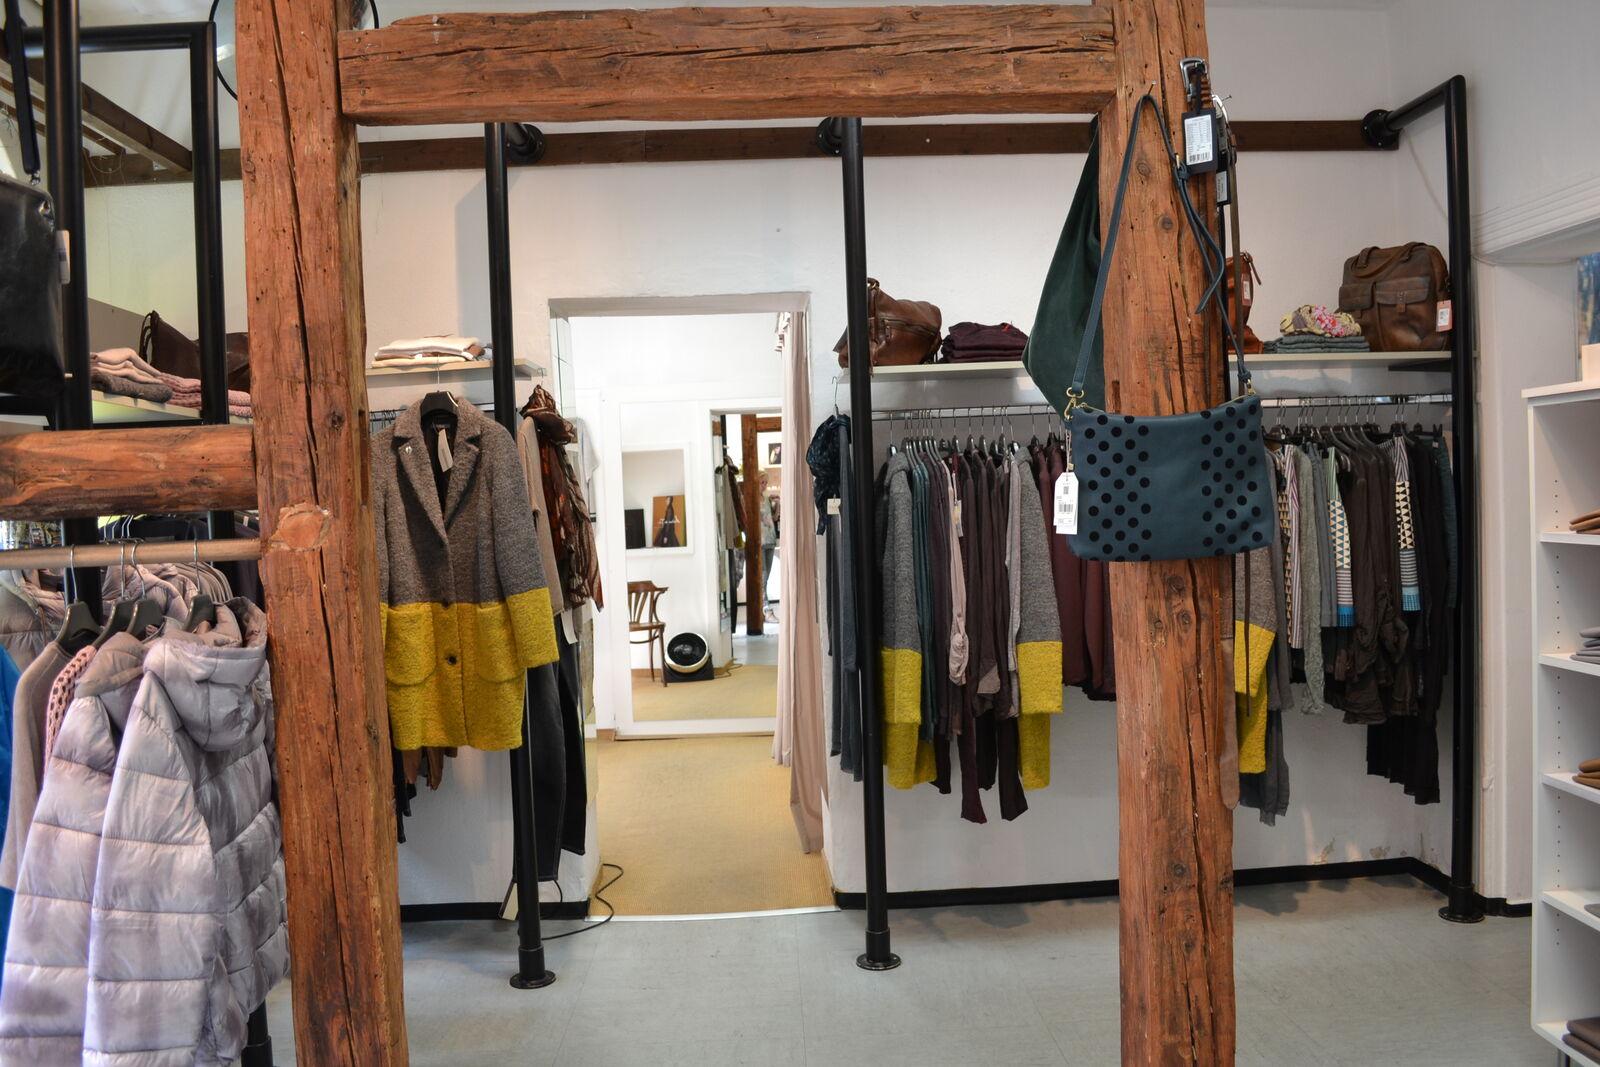 der laden womenswear in nuremberg innere laufer gasse thelabelfinder. Black Bedroom Furniture Sets. Home Design Ideas